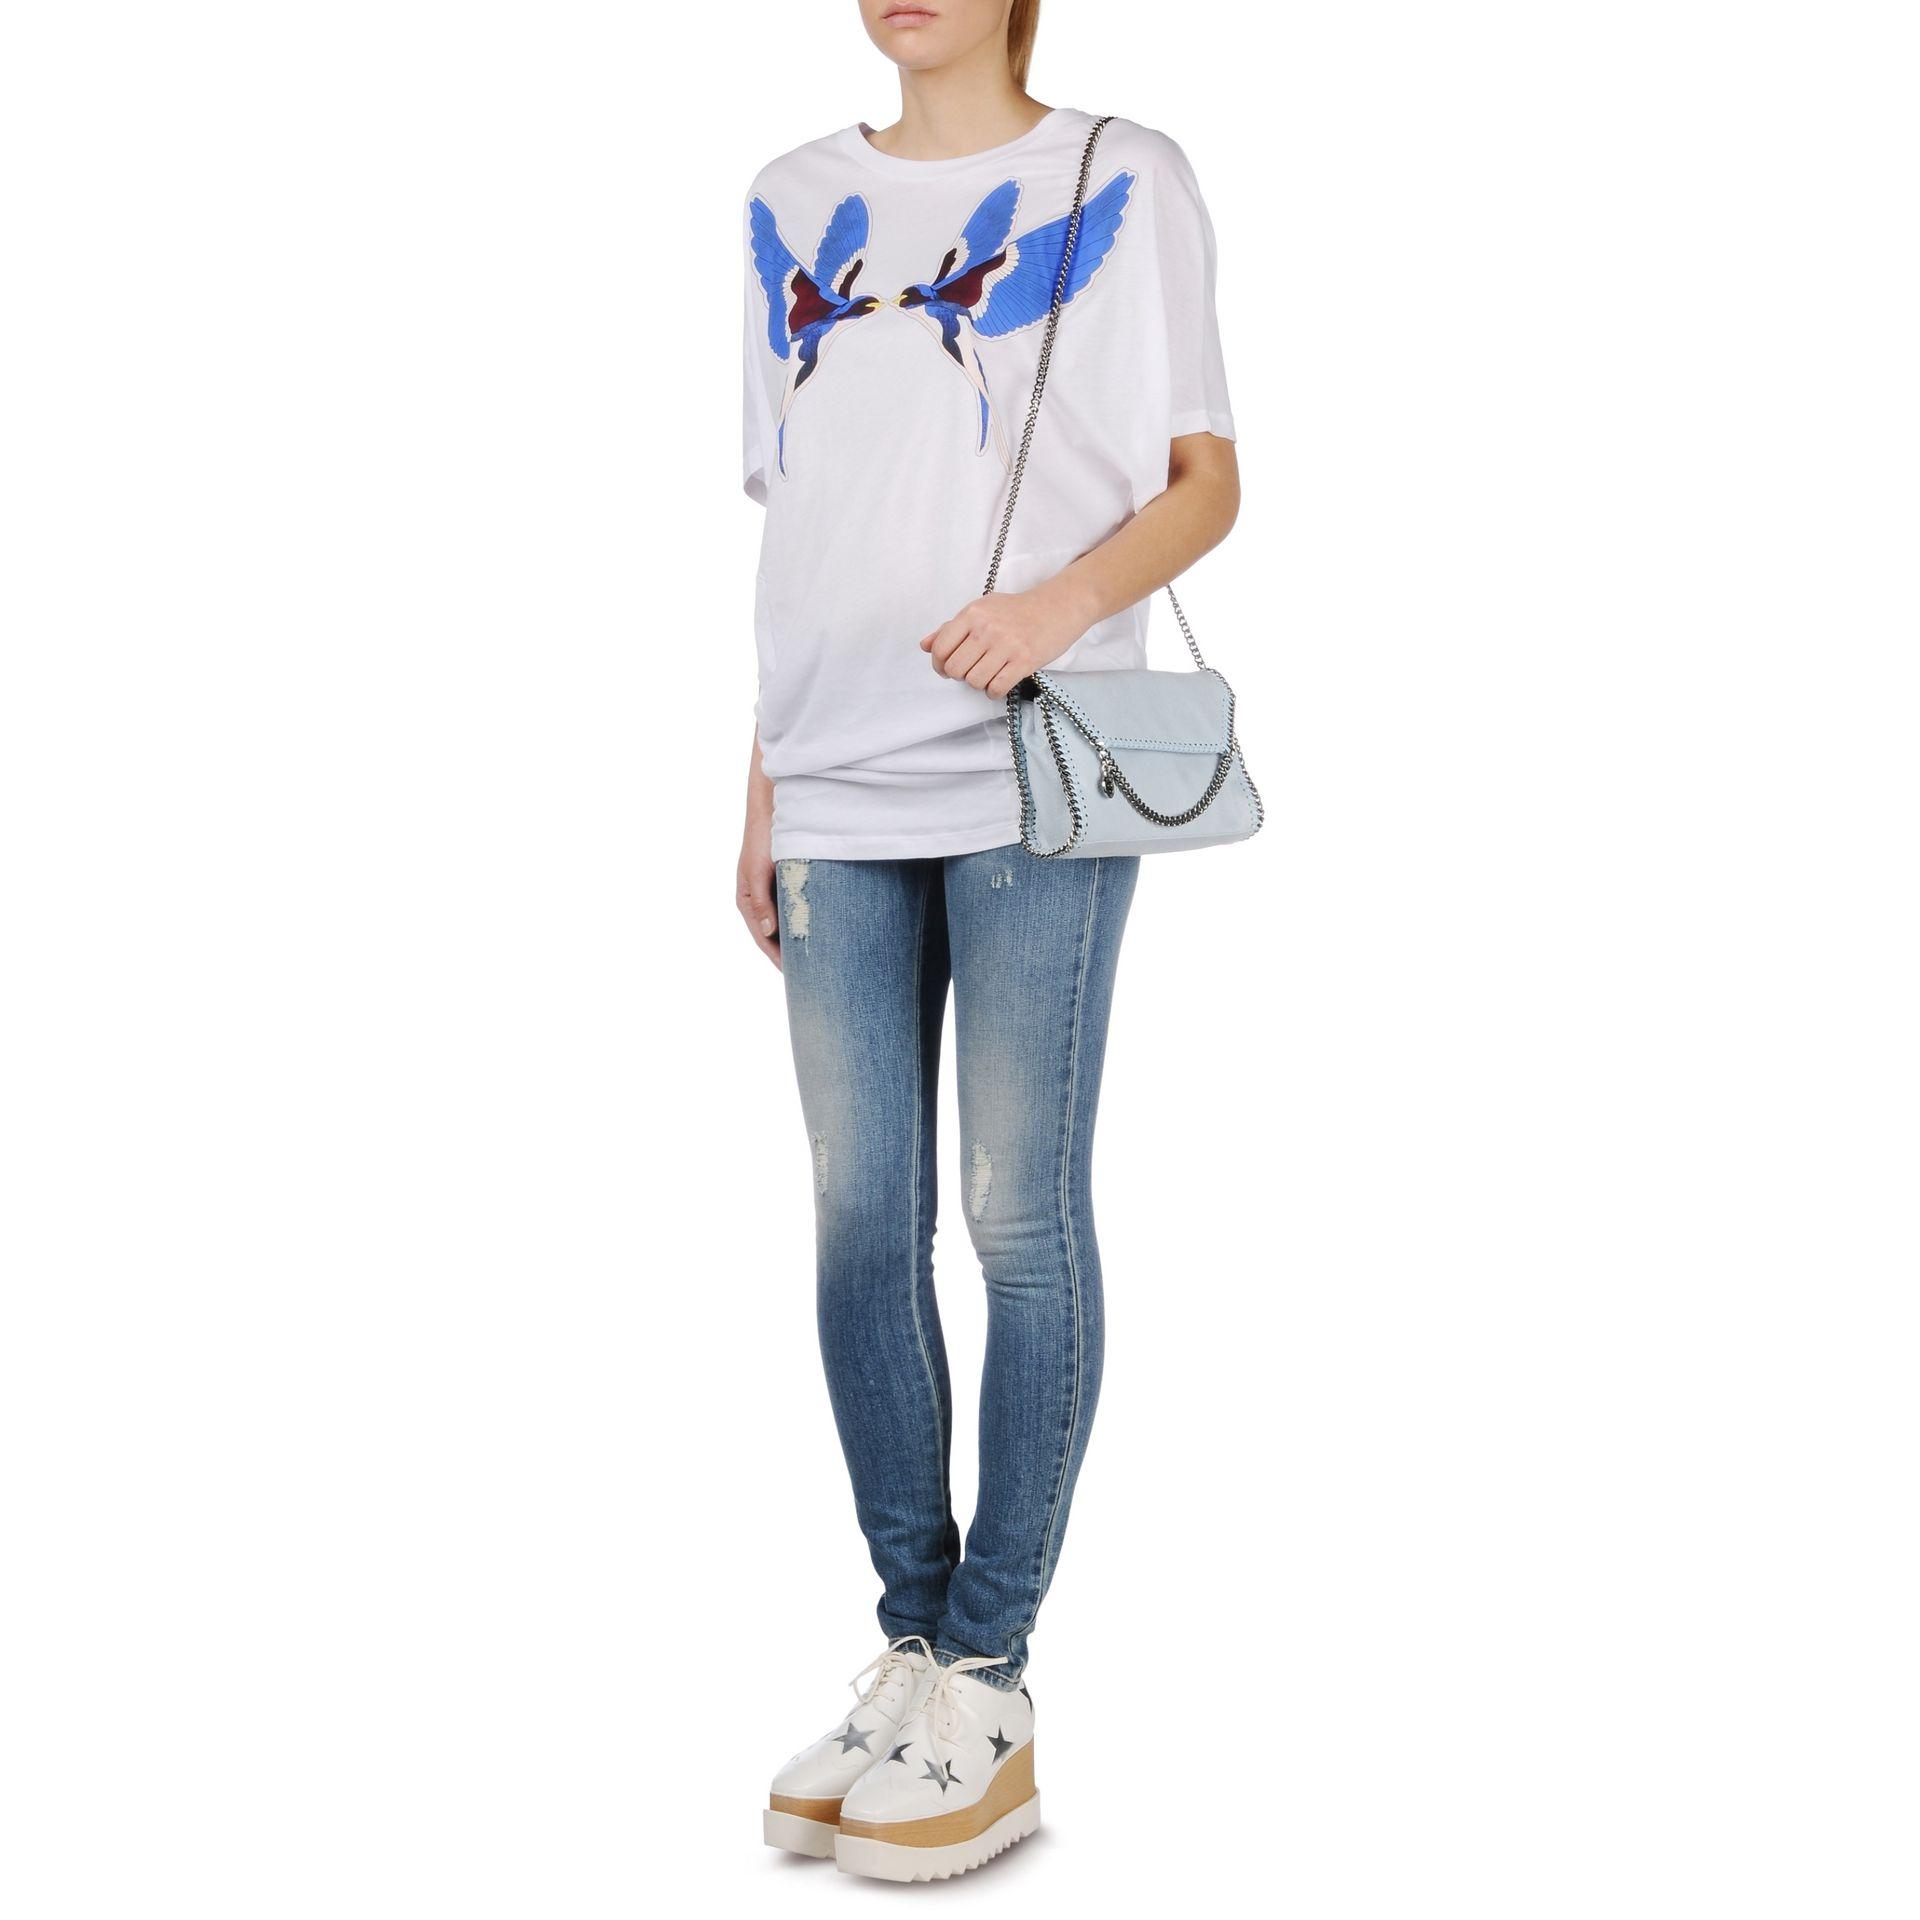 b11ea91245ac Lyst - Stella McCartney Falabella Shaggy Deer Mini Bag in Blue